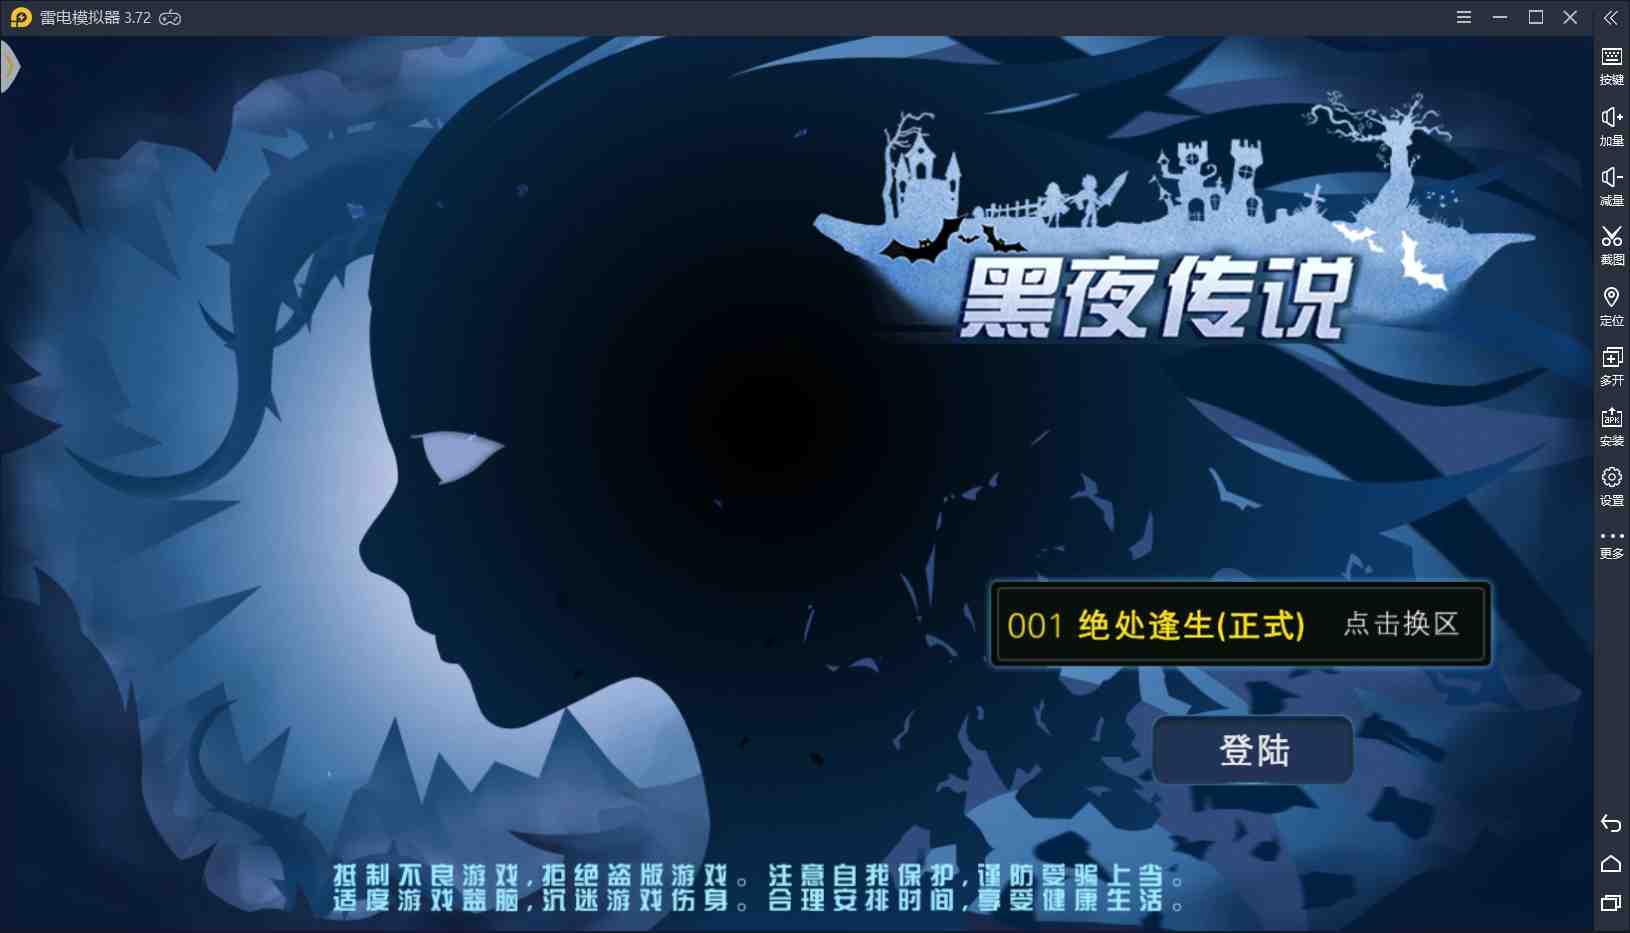 【Rai酱一周新游】《剑与远征》画风爆炸 《江湖悠悠》体验休闲江湖